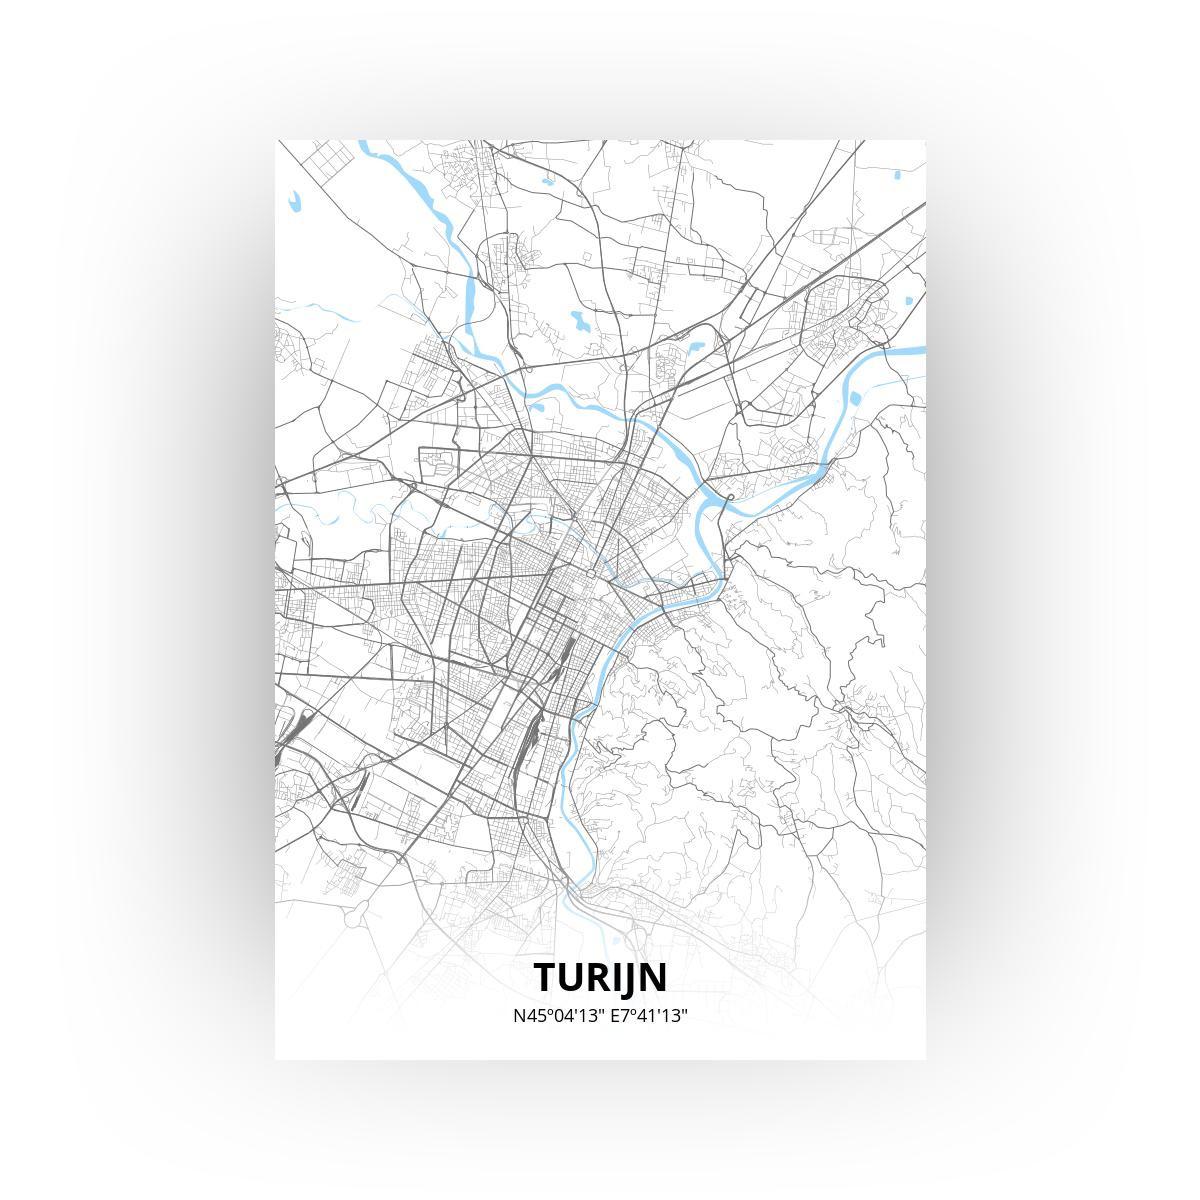 Turijn poster - Zelf aan te passen!